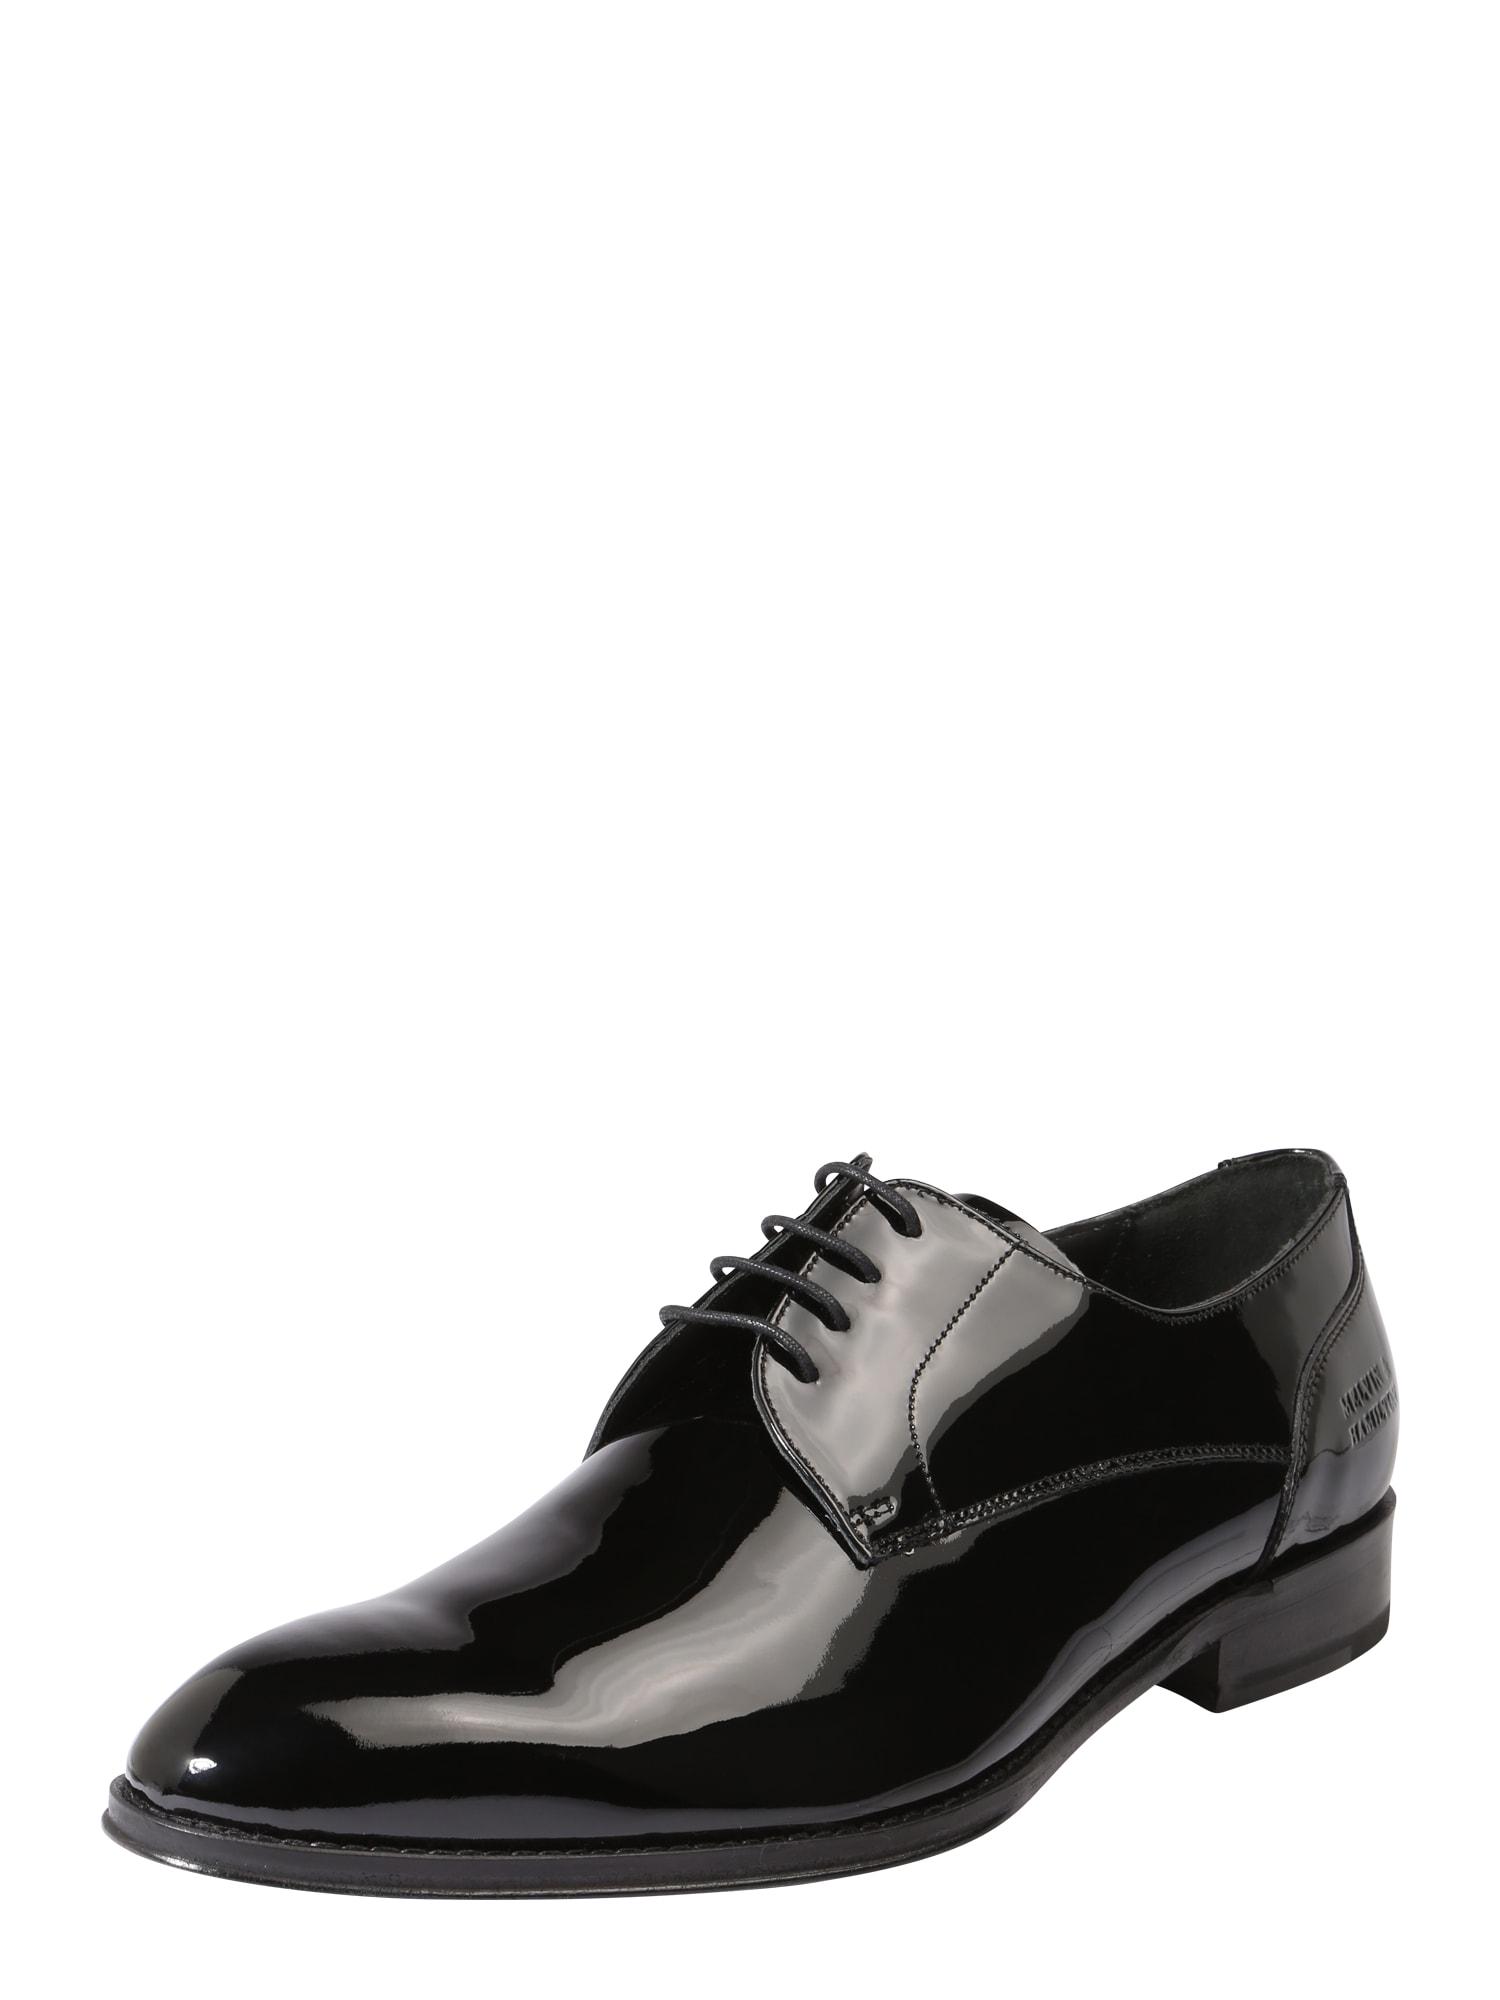 Šněrovací boty Kane 2 černá MELVIN & HAMILTON